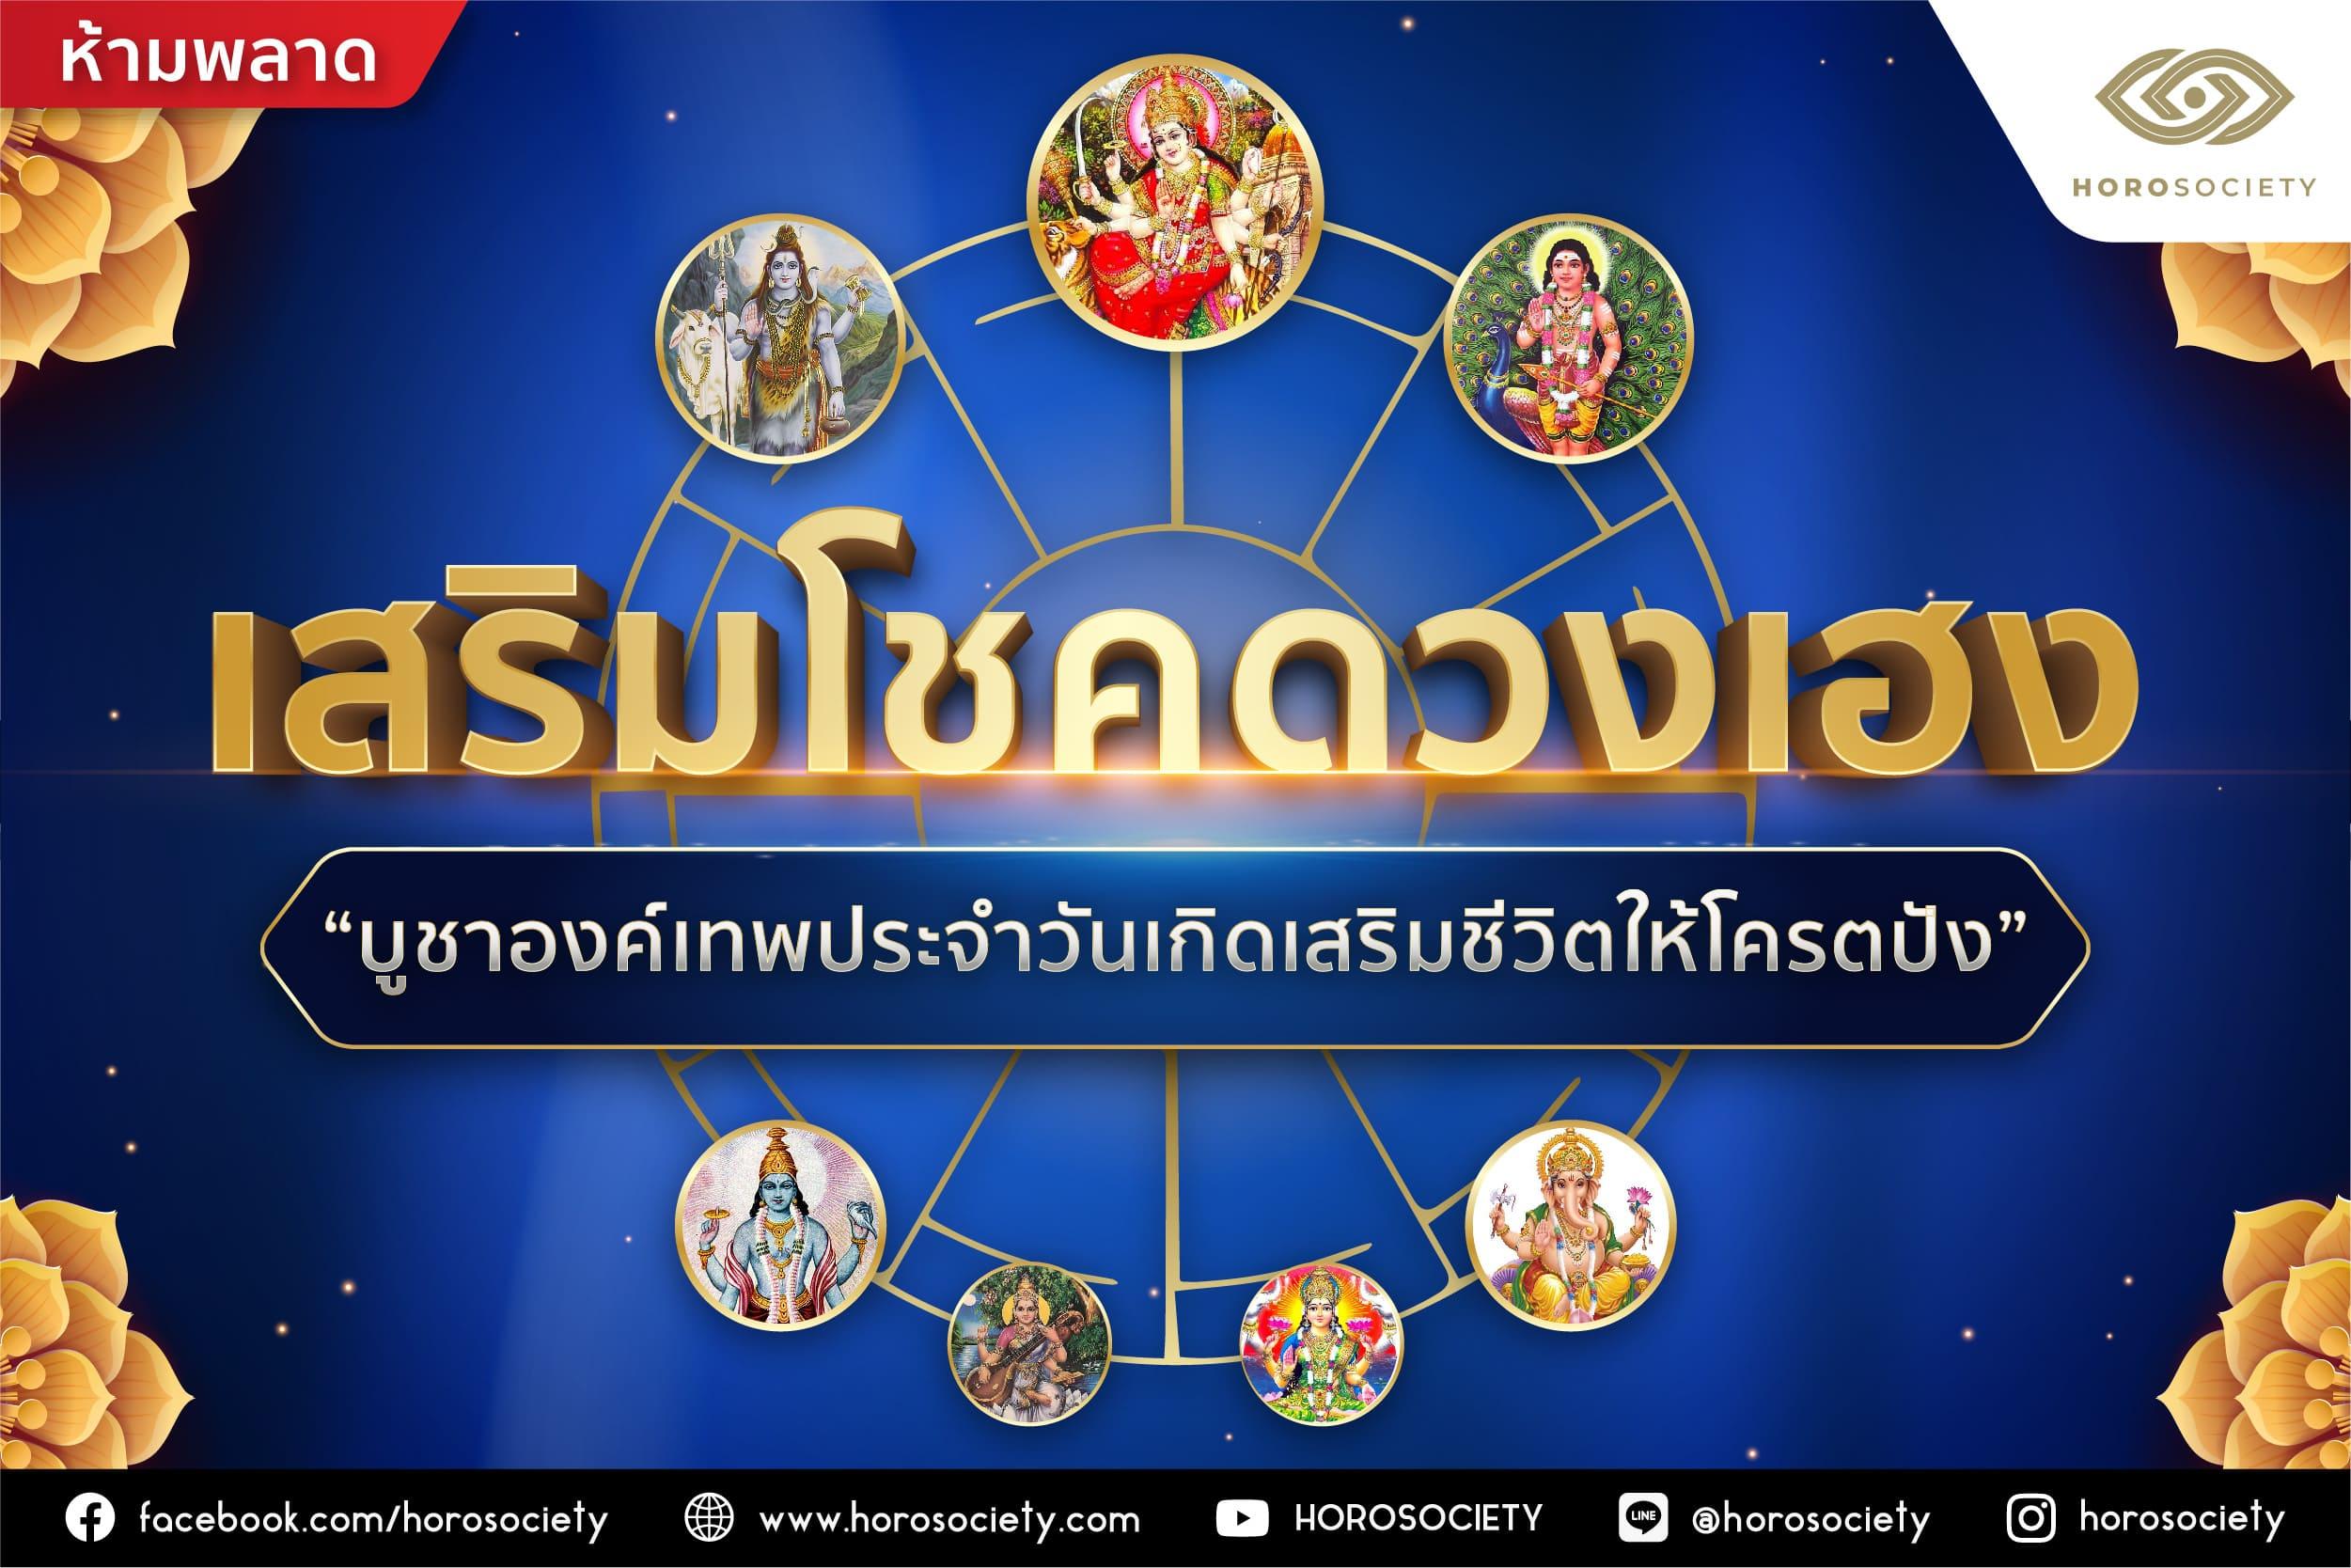 เสริมโชคดวงเฮง บูชาองค์เทพประจำวันเกิดเสริมชีวิตให้โคตรปัง โดย Horosociety